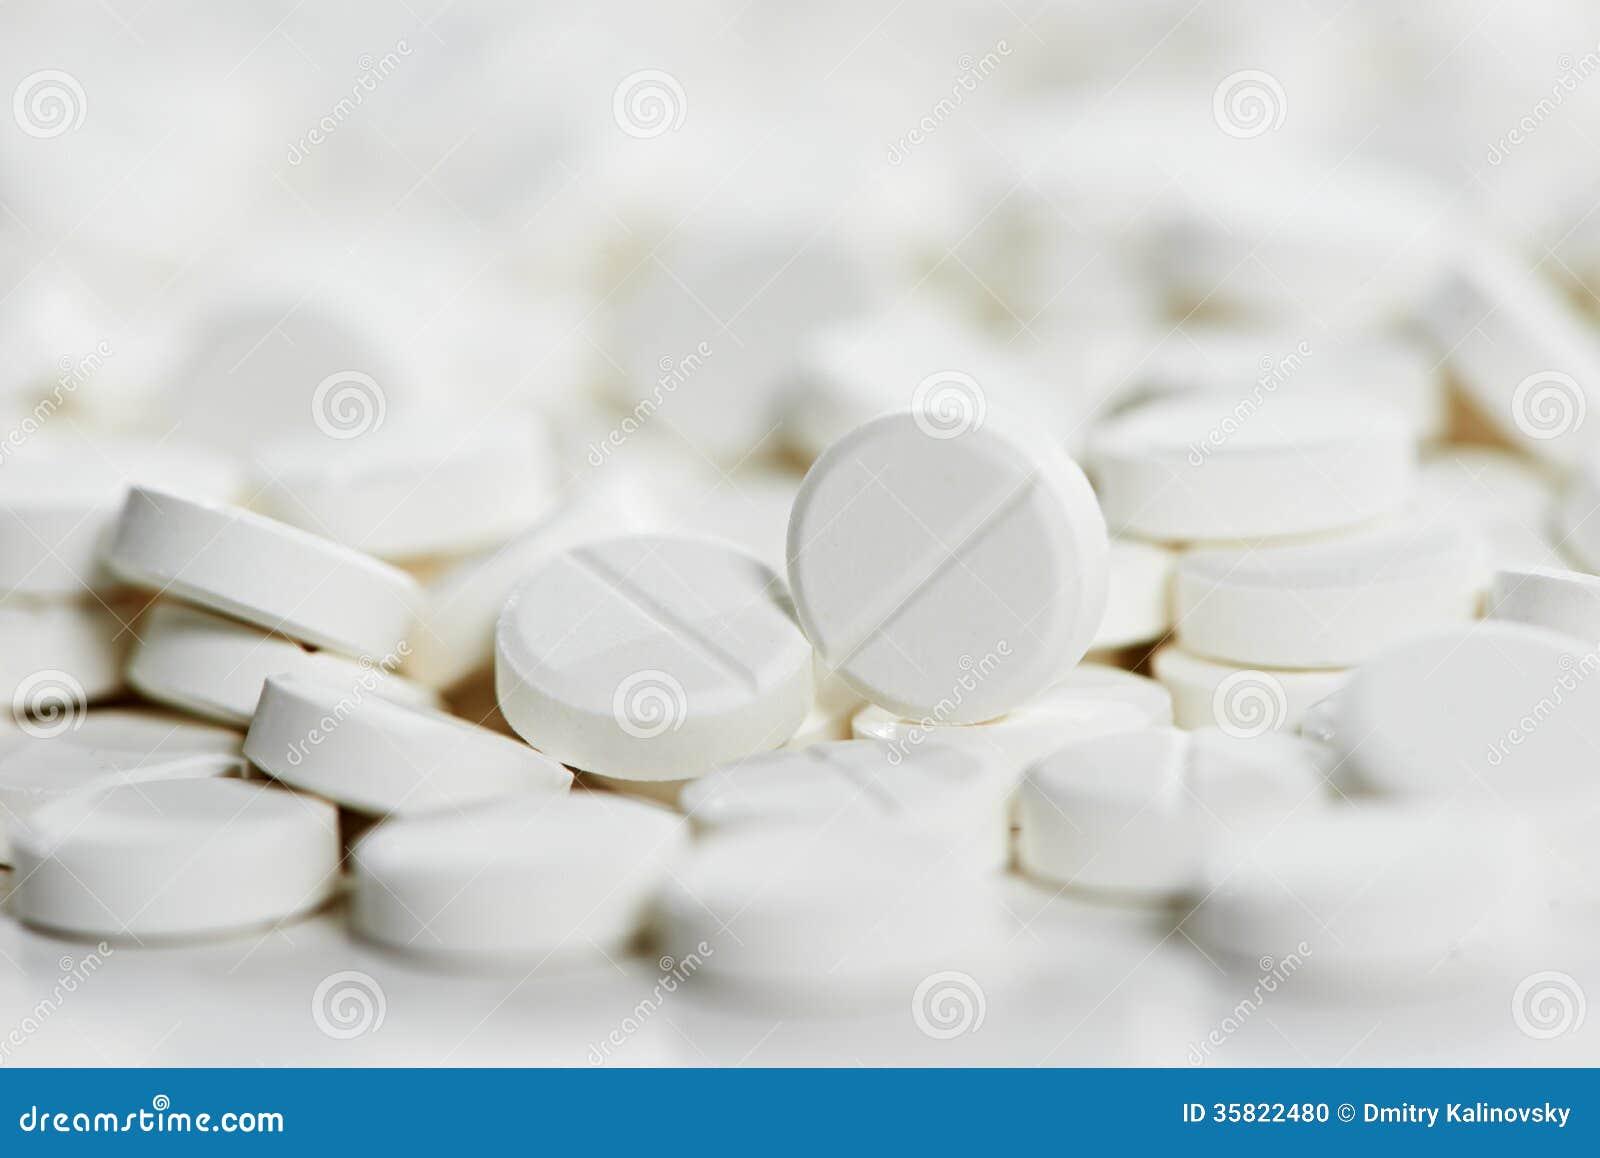 Pilules rondes blanches d antibiotique de comprimé de médecine